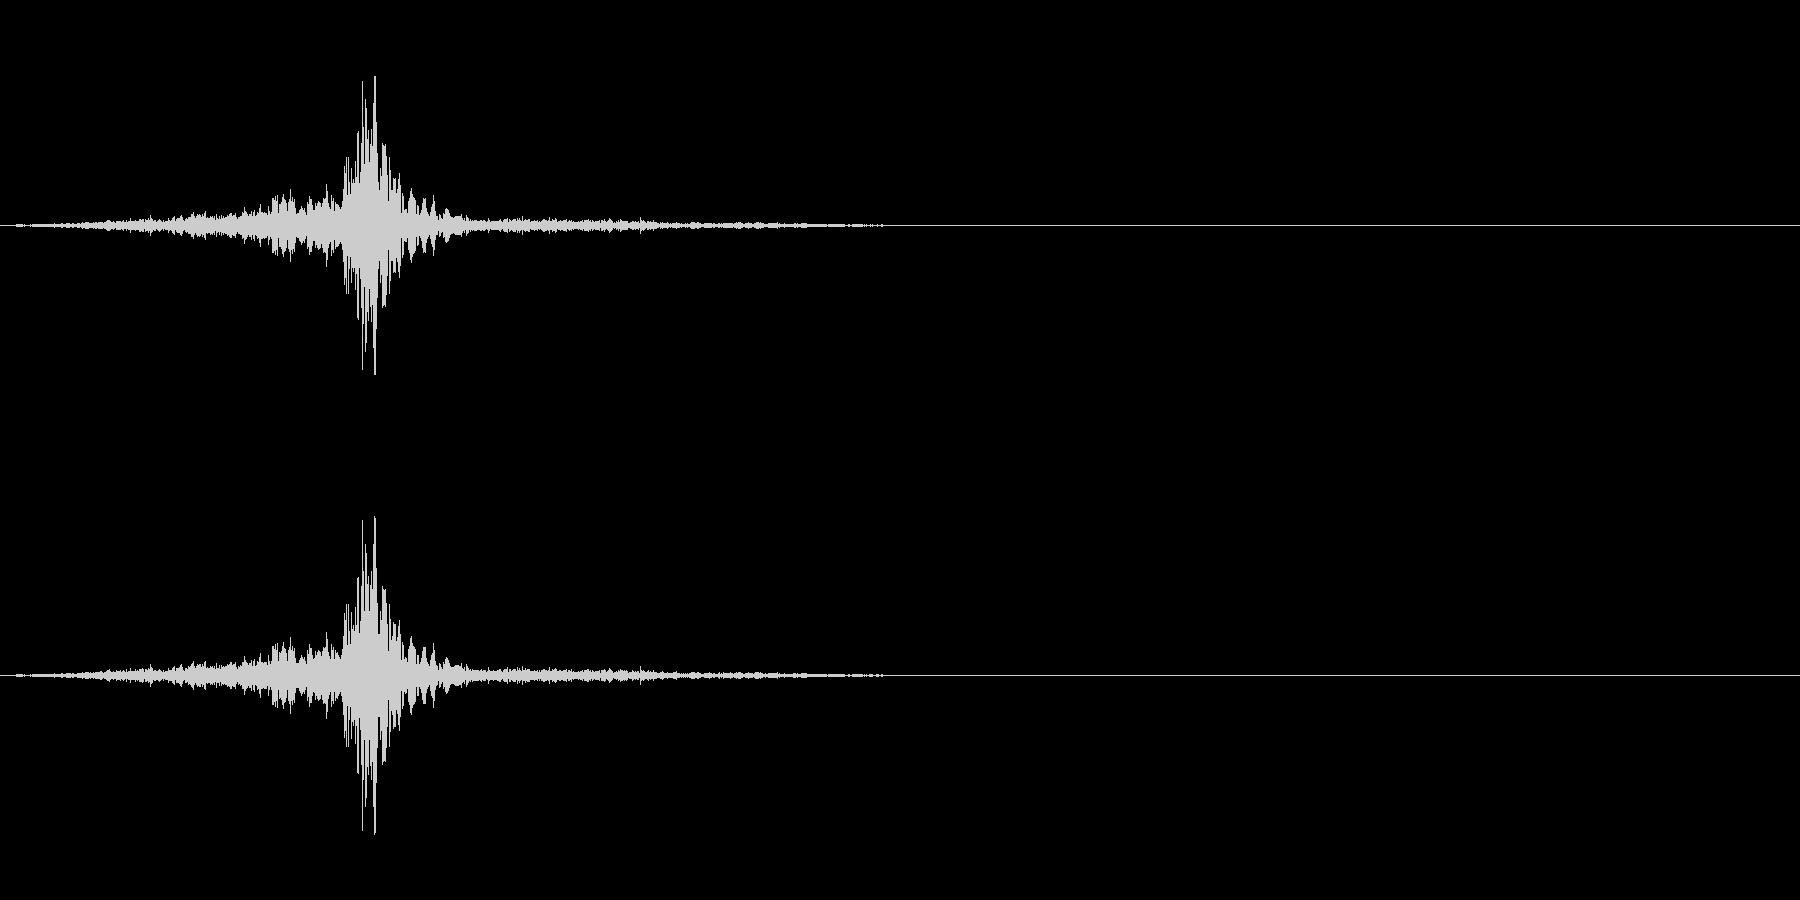 シルク・ナイロン・広げる3の未再生の波形